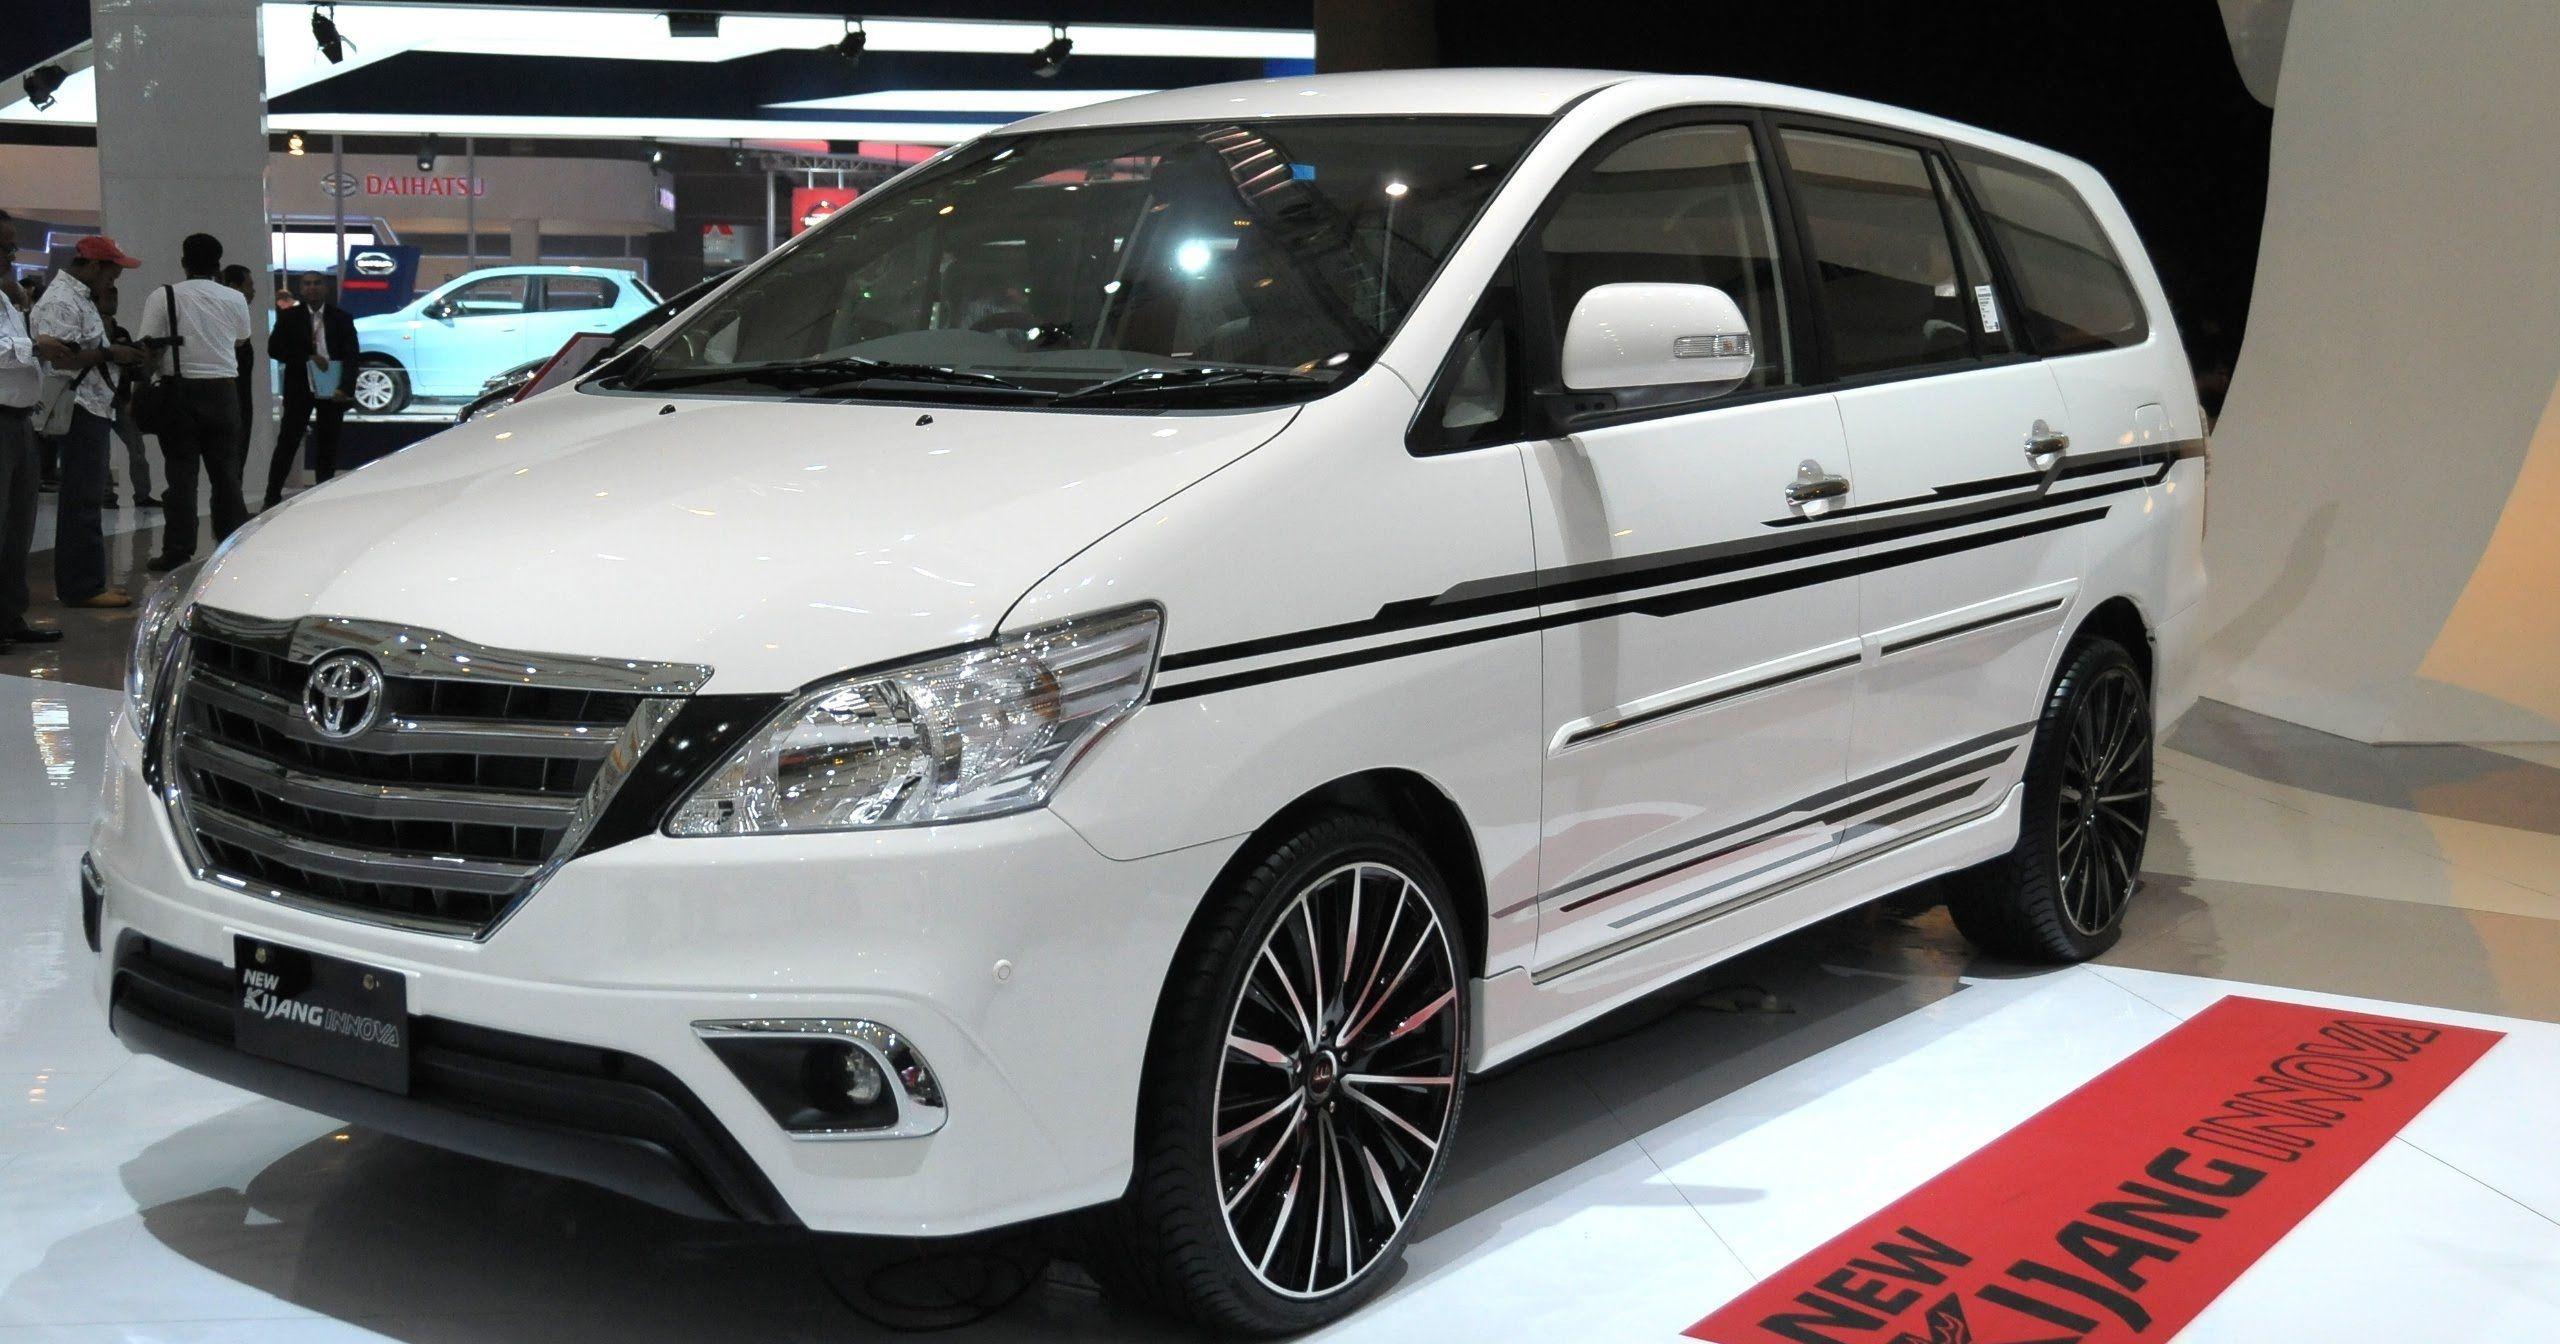 أفضل 10 سيارات عائلية بسعر 100 الف ريال بالسعودية المرسال